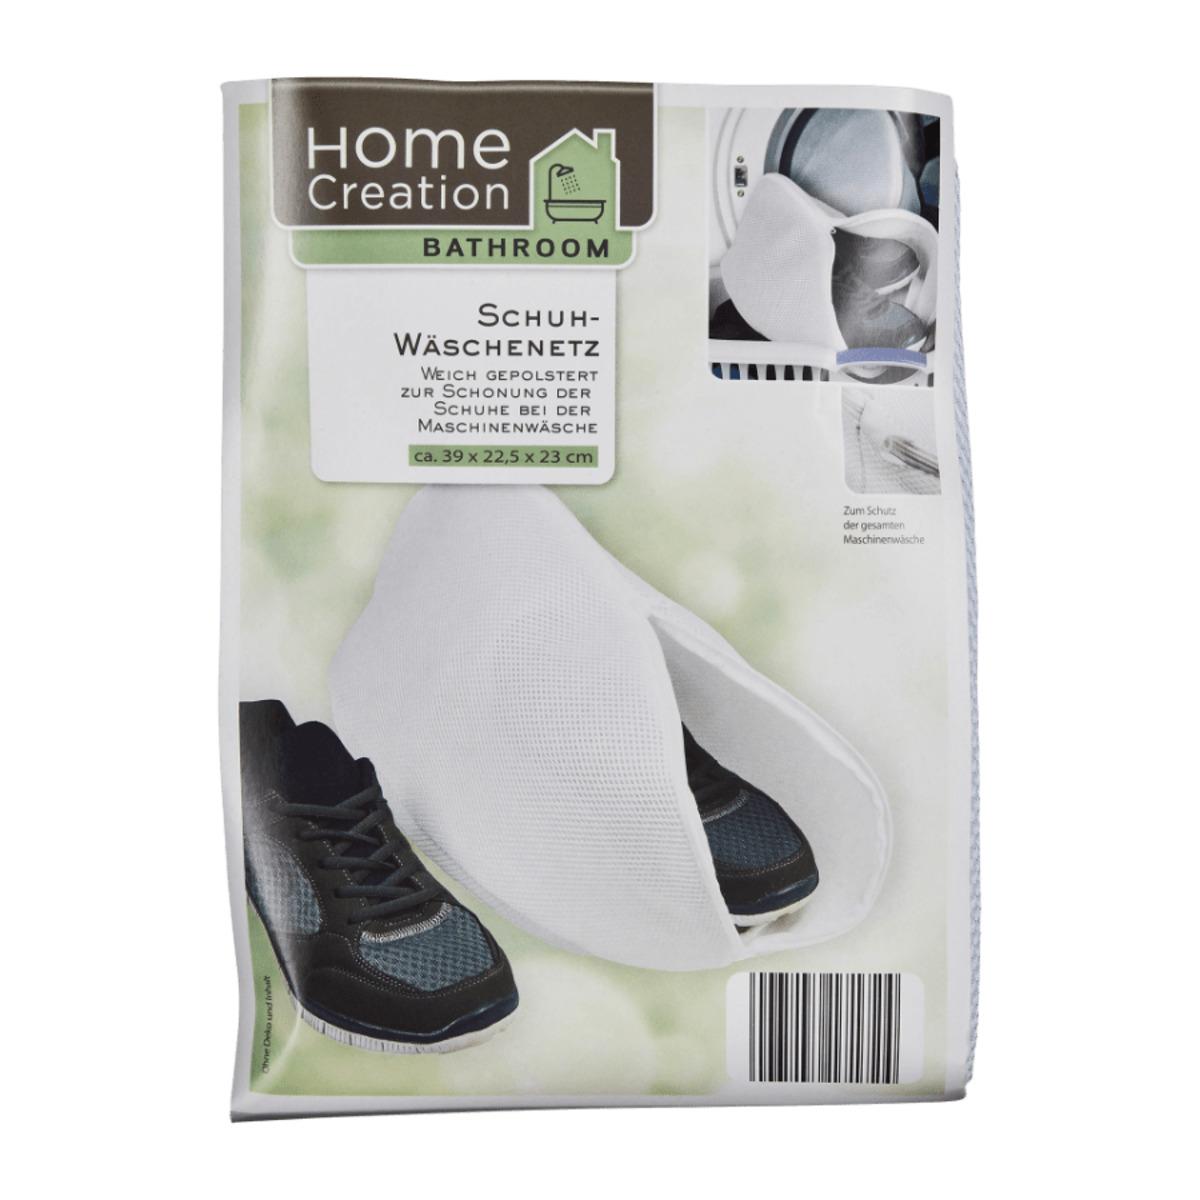 Bild 2 von HOME CREATION Wäschenetz(e)